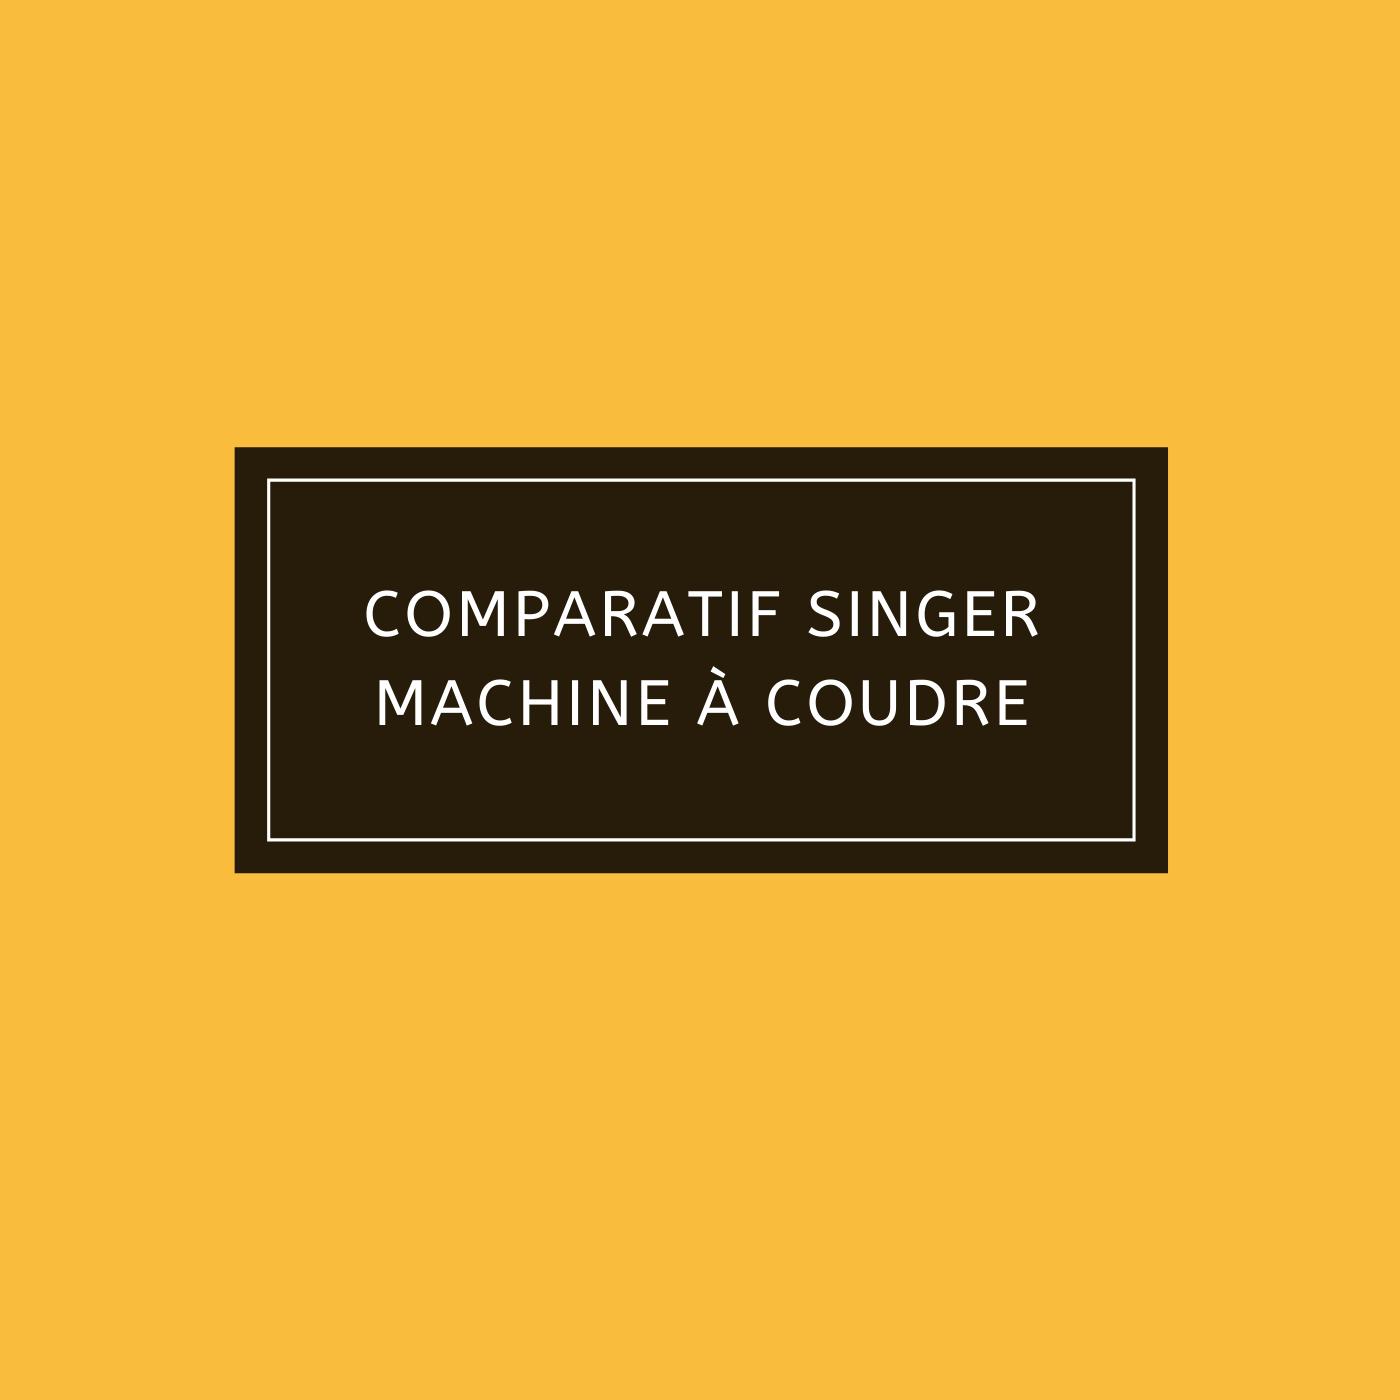 Comparatif singer machine à coudre